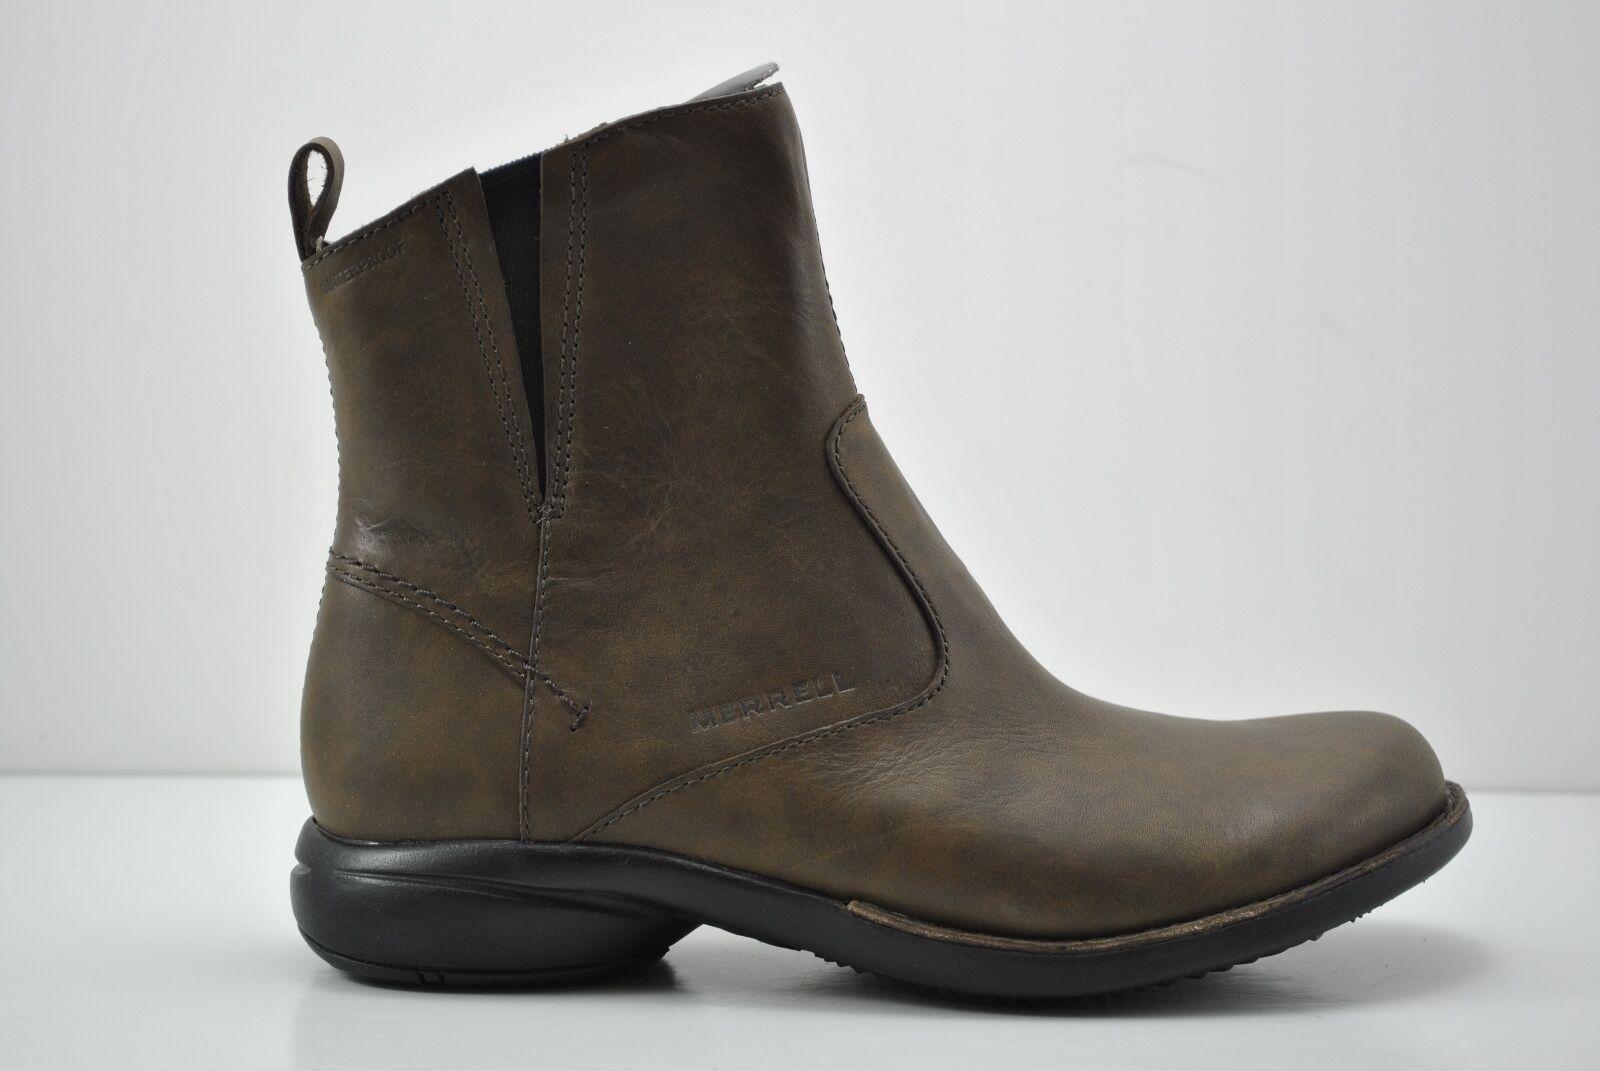 Damenschuhe Merrell Tetra Catch Waterproof Leder Ankle Stiefel Größe Größe Größe 7M Braun J45008 315bd3